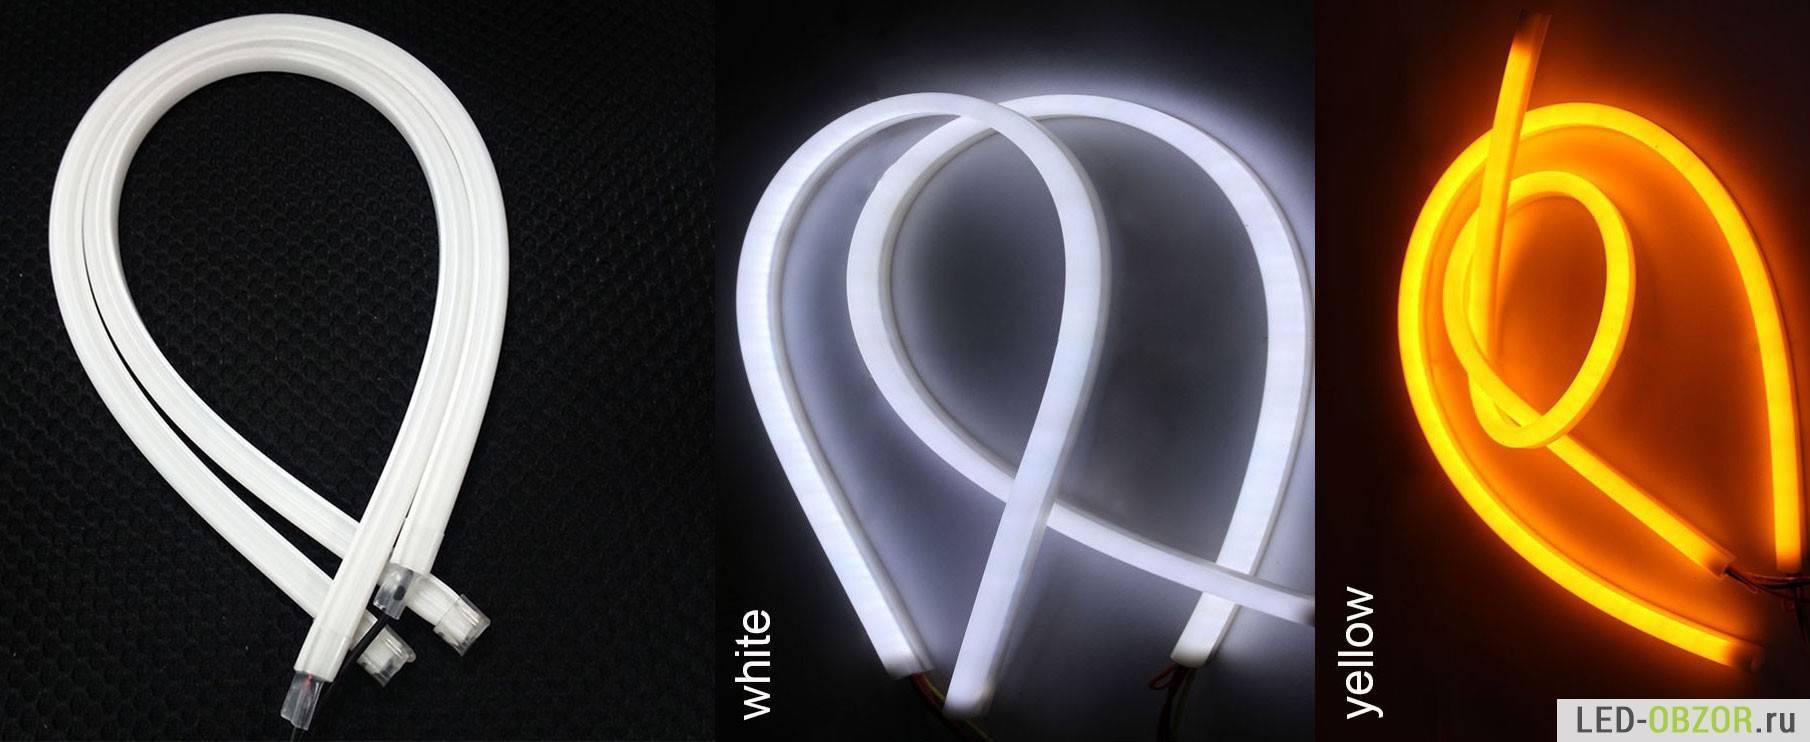 Сделанная в Китае светящаяся лента